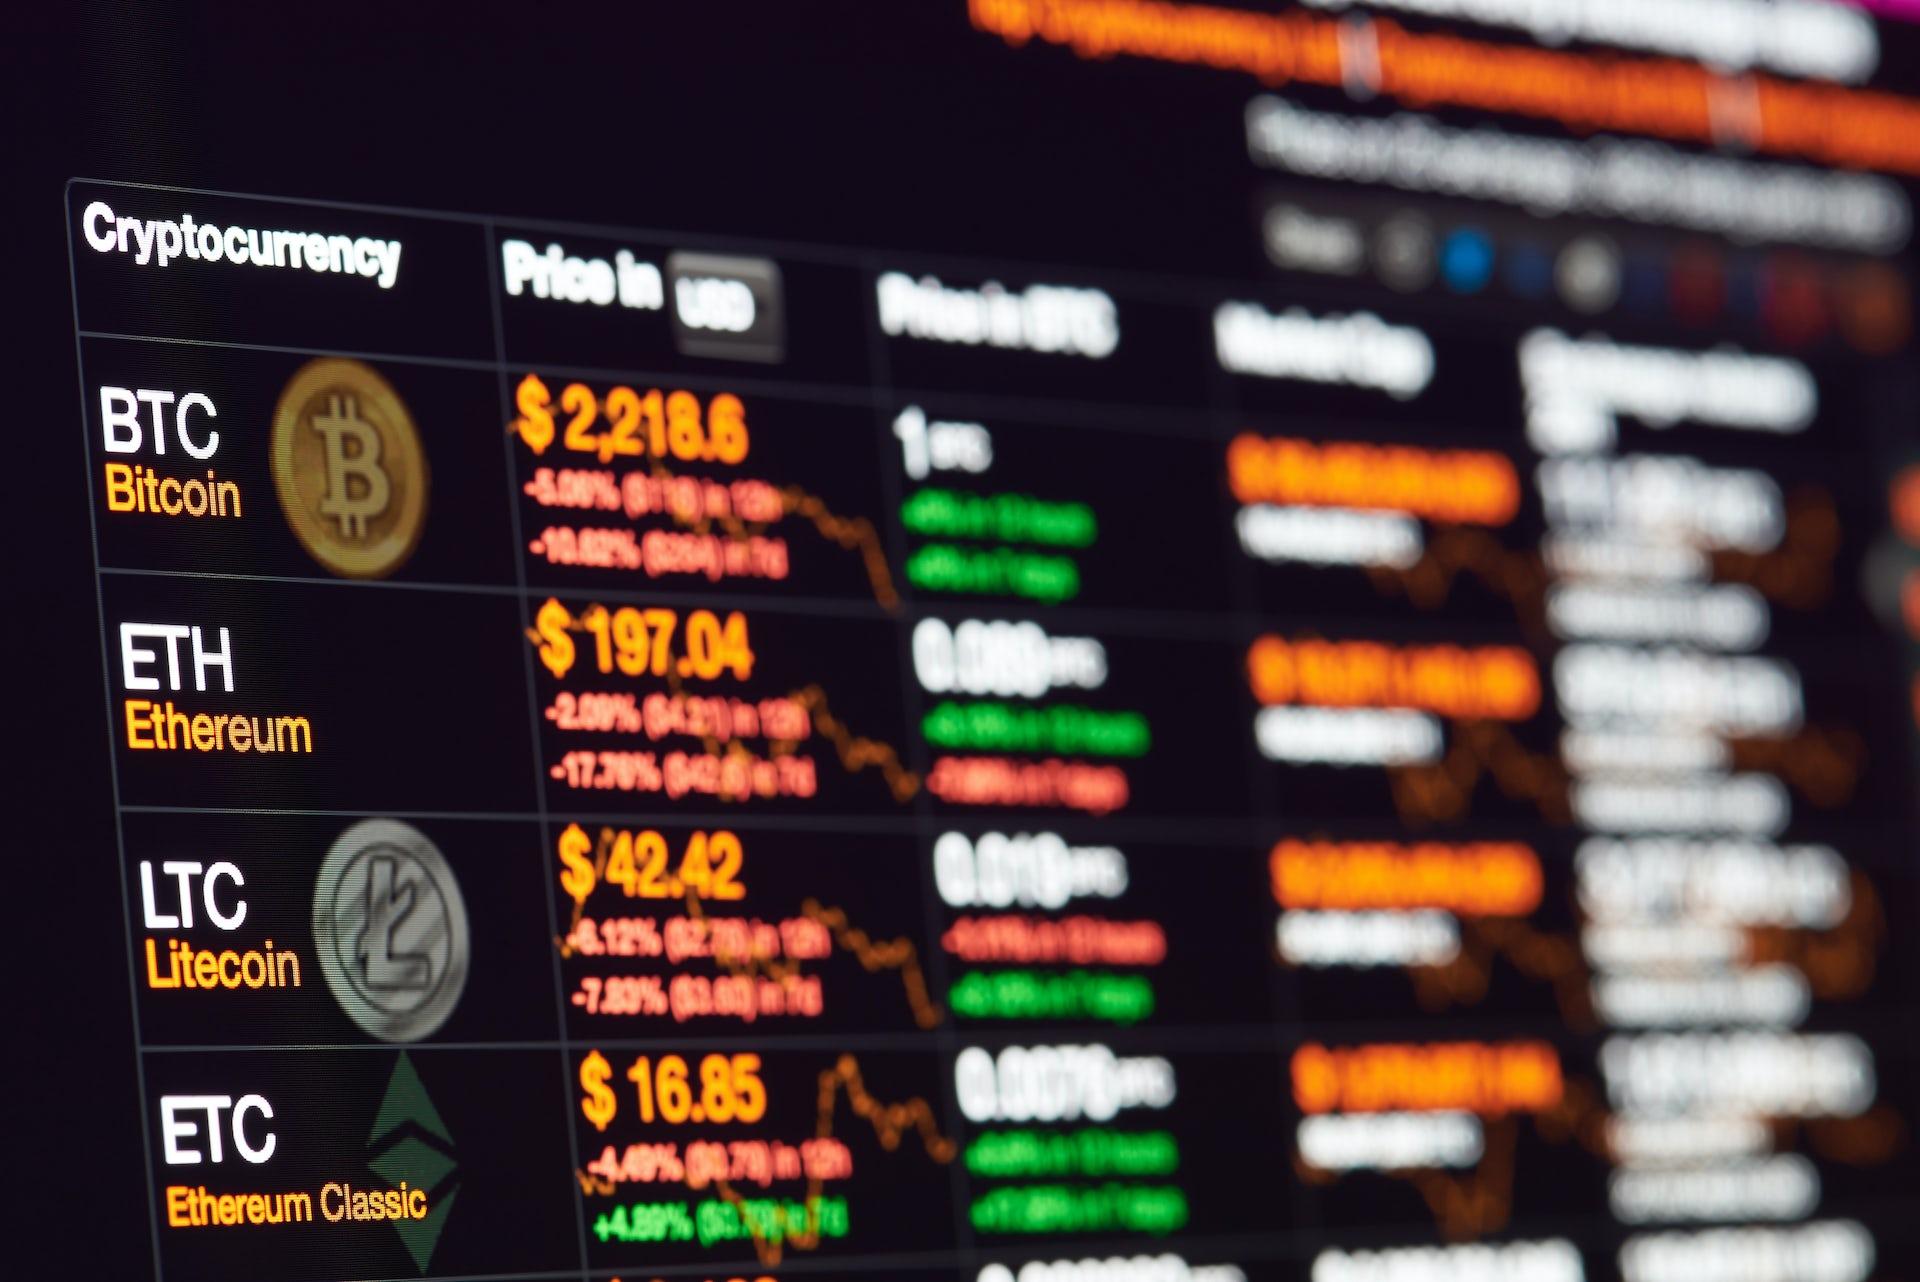 'Bitcoin veroorzaakt goudkoorts onder cybercriminelen'